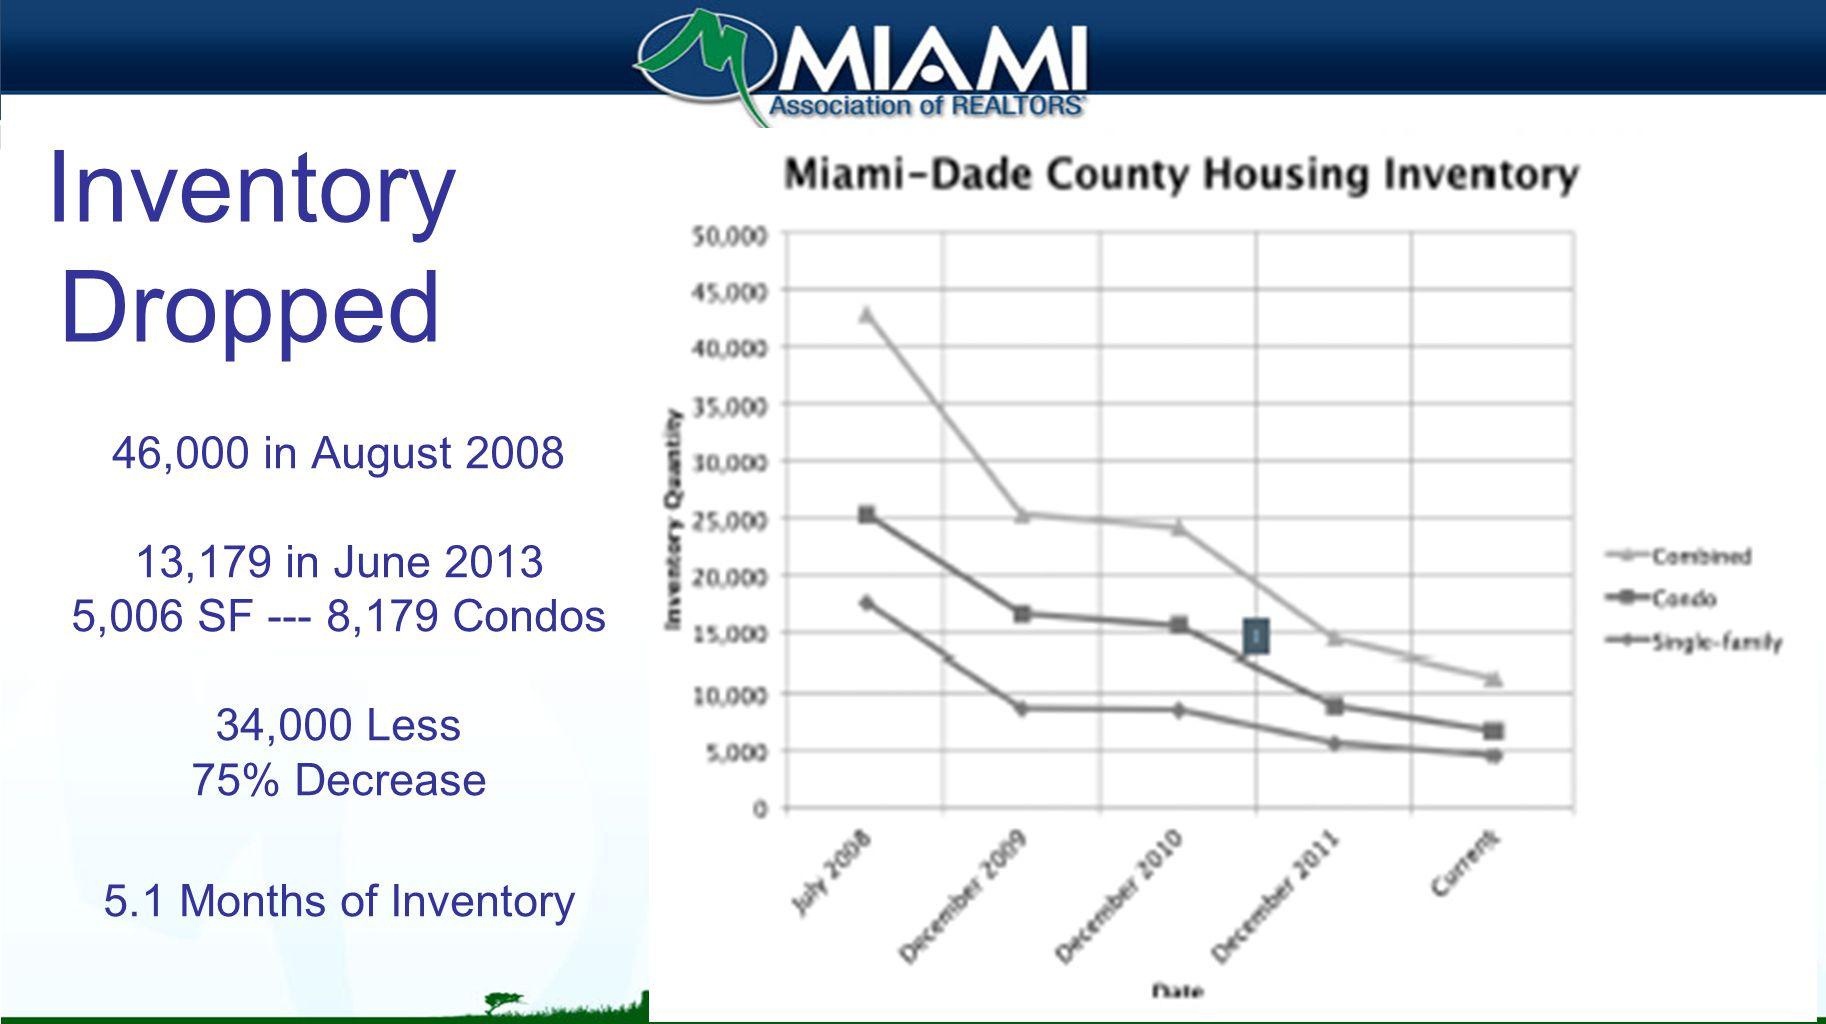 Brazil Miami 49.2% Miami/Ft.Lauderdale 67.4% Miami/FtL./P.Beach 74.2% Orlando 13.6%